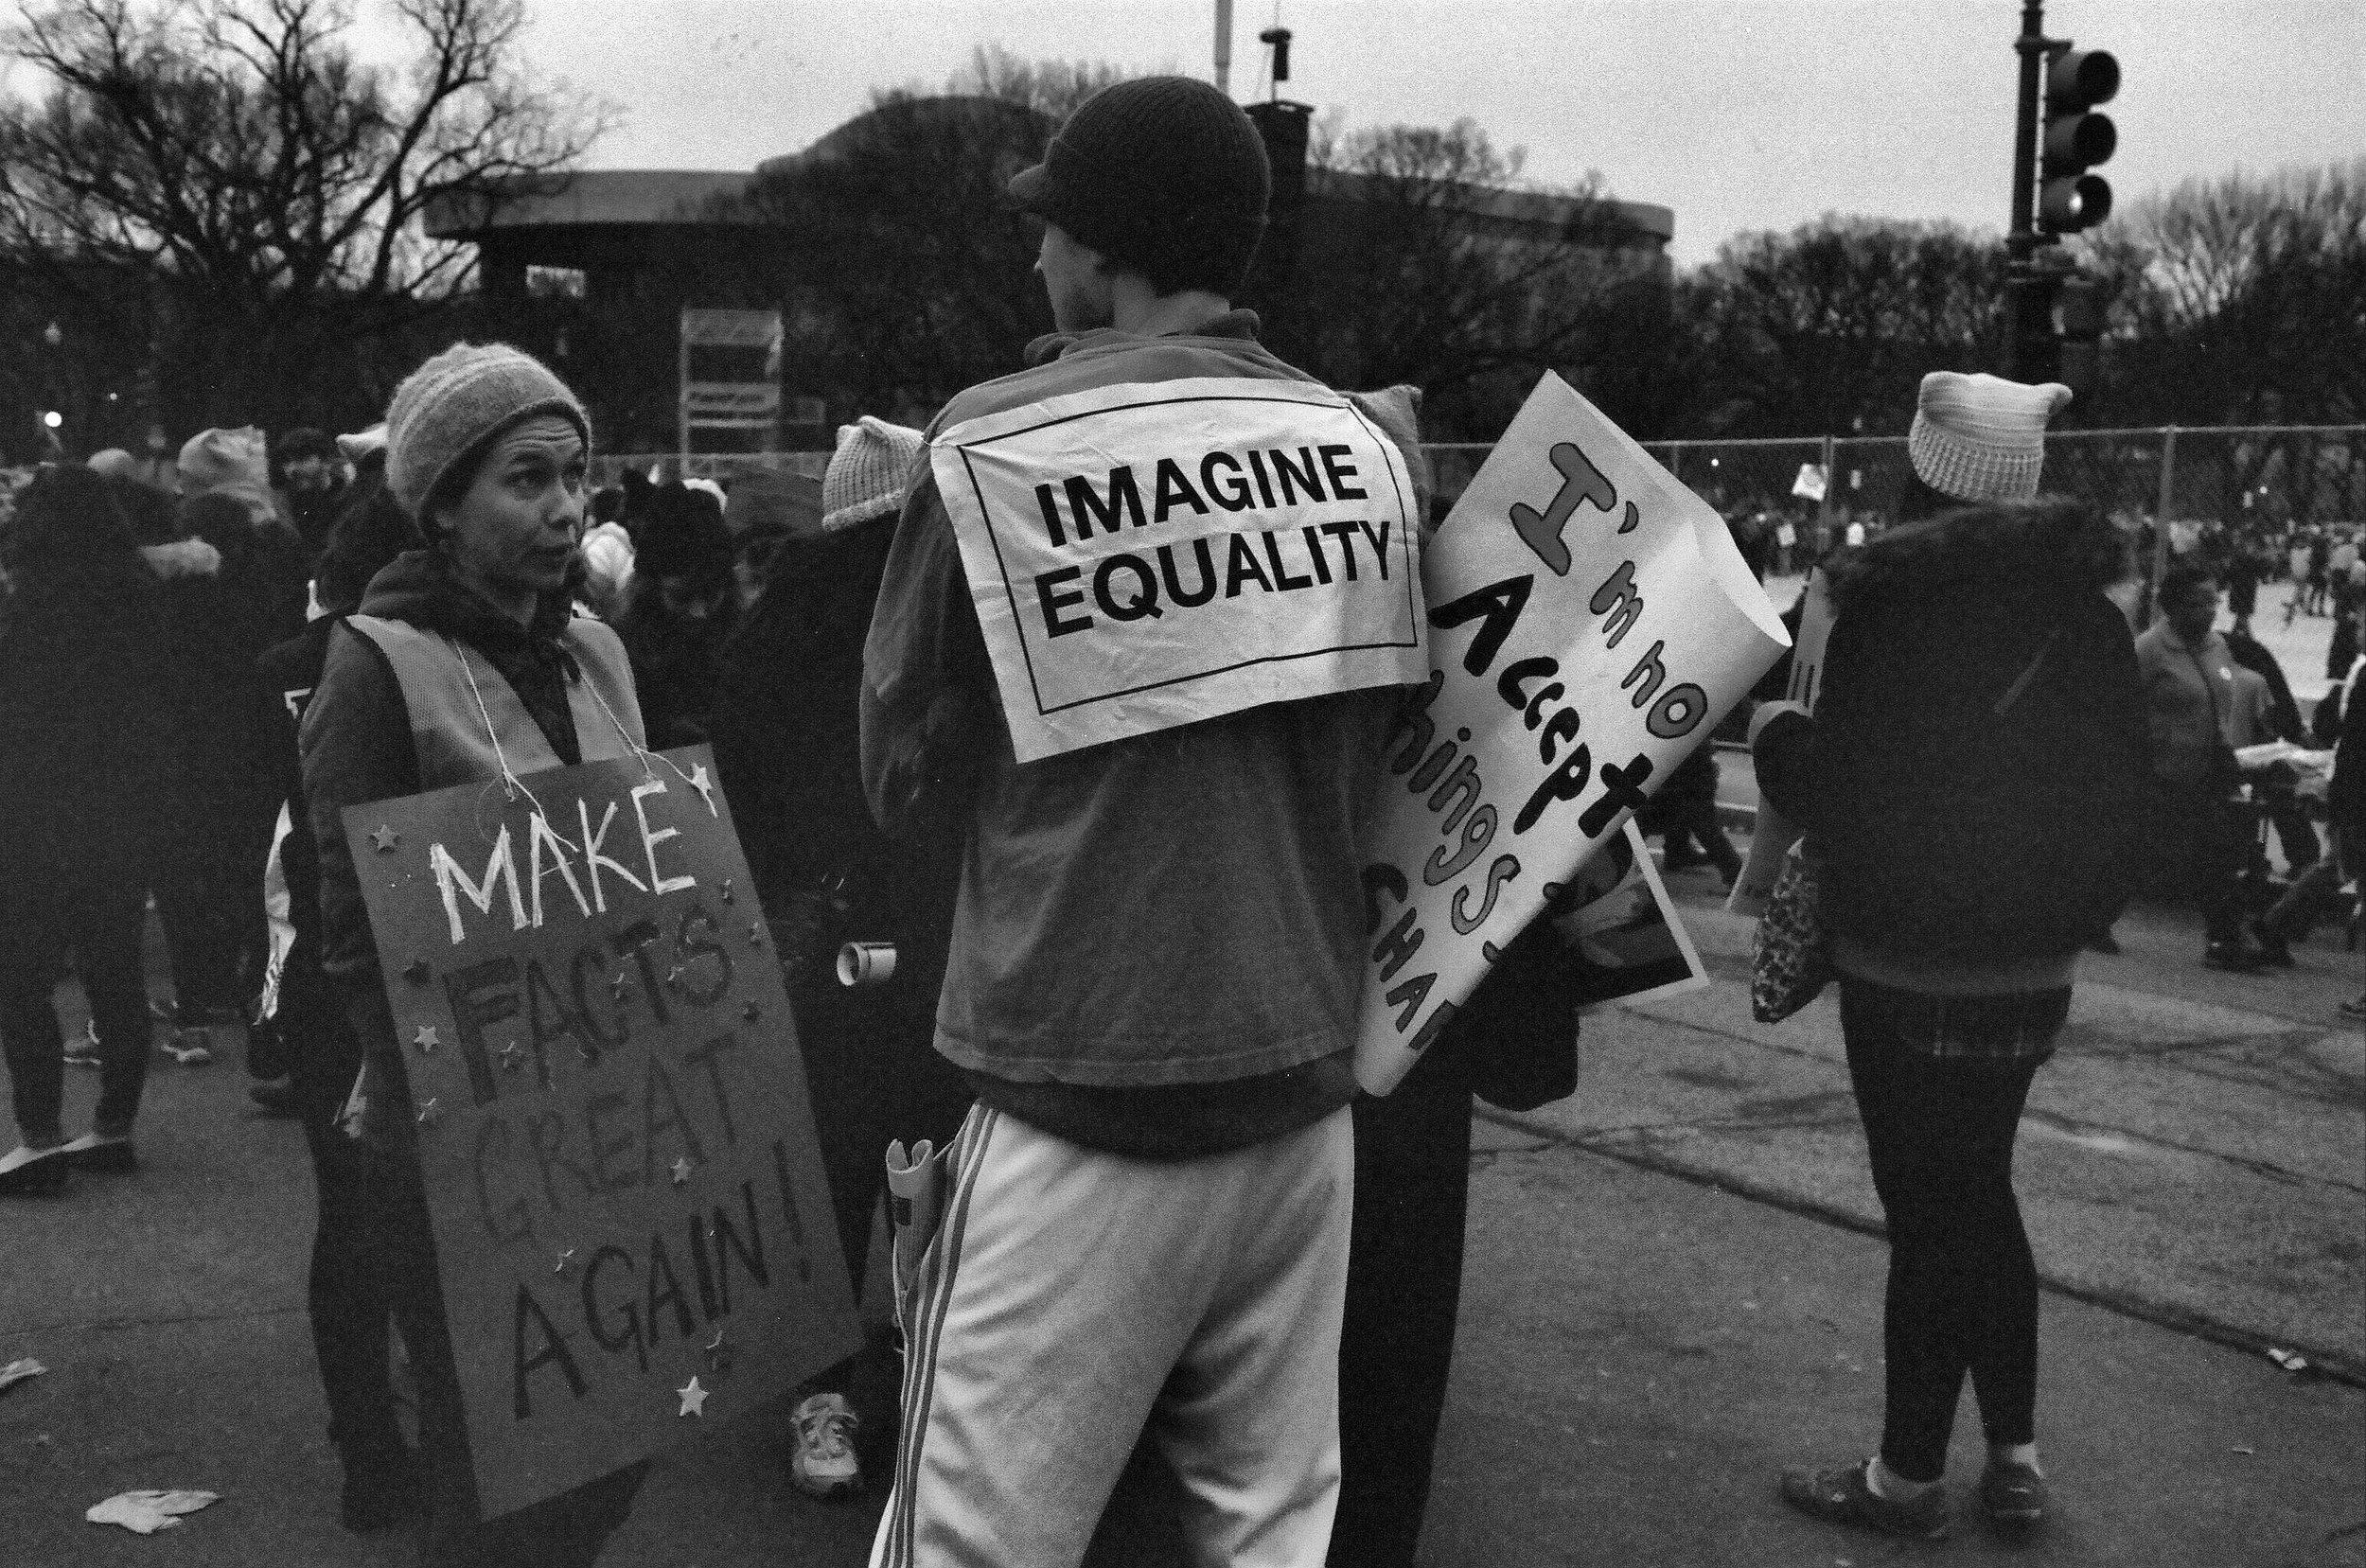 WOMEN'S MARCH IN DC